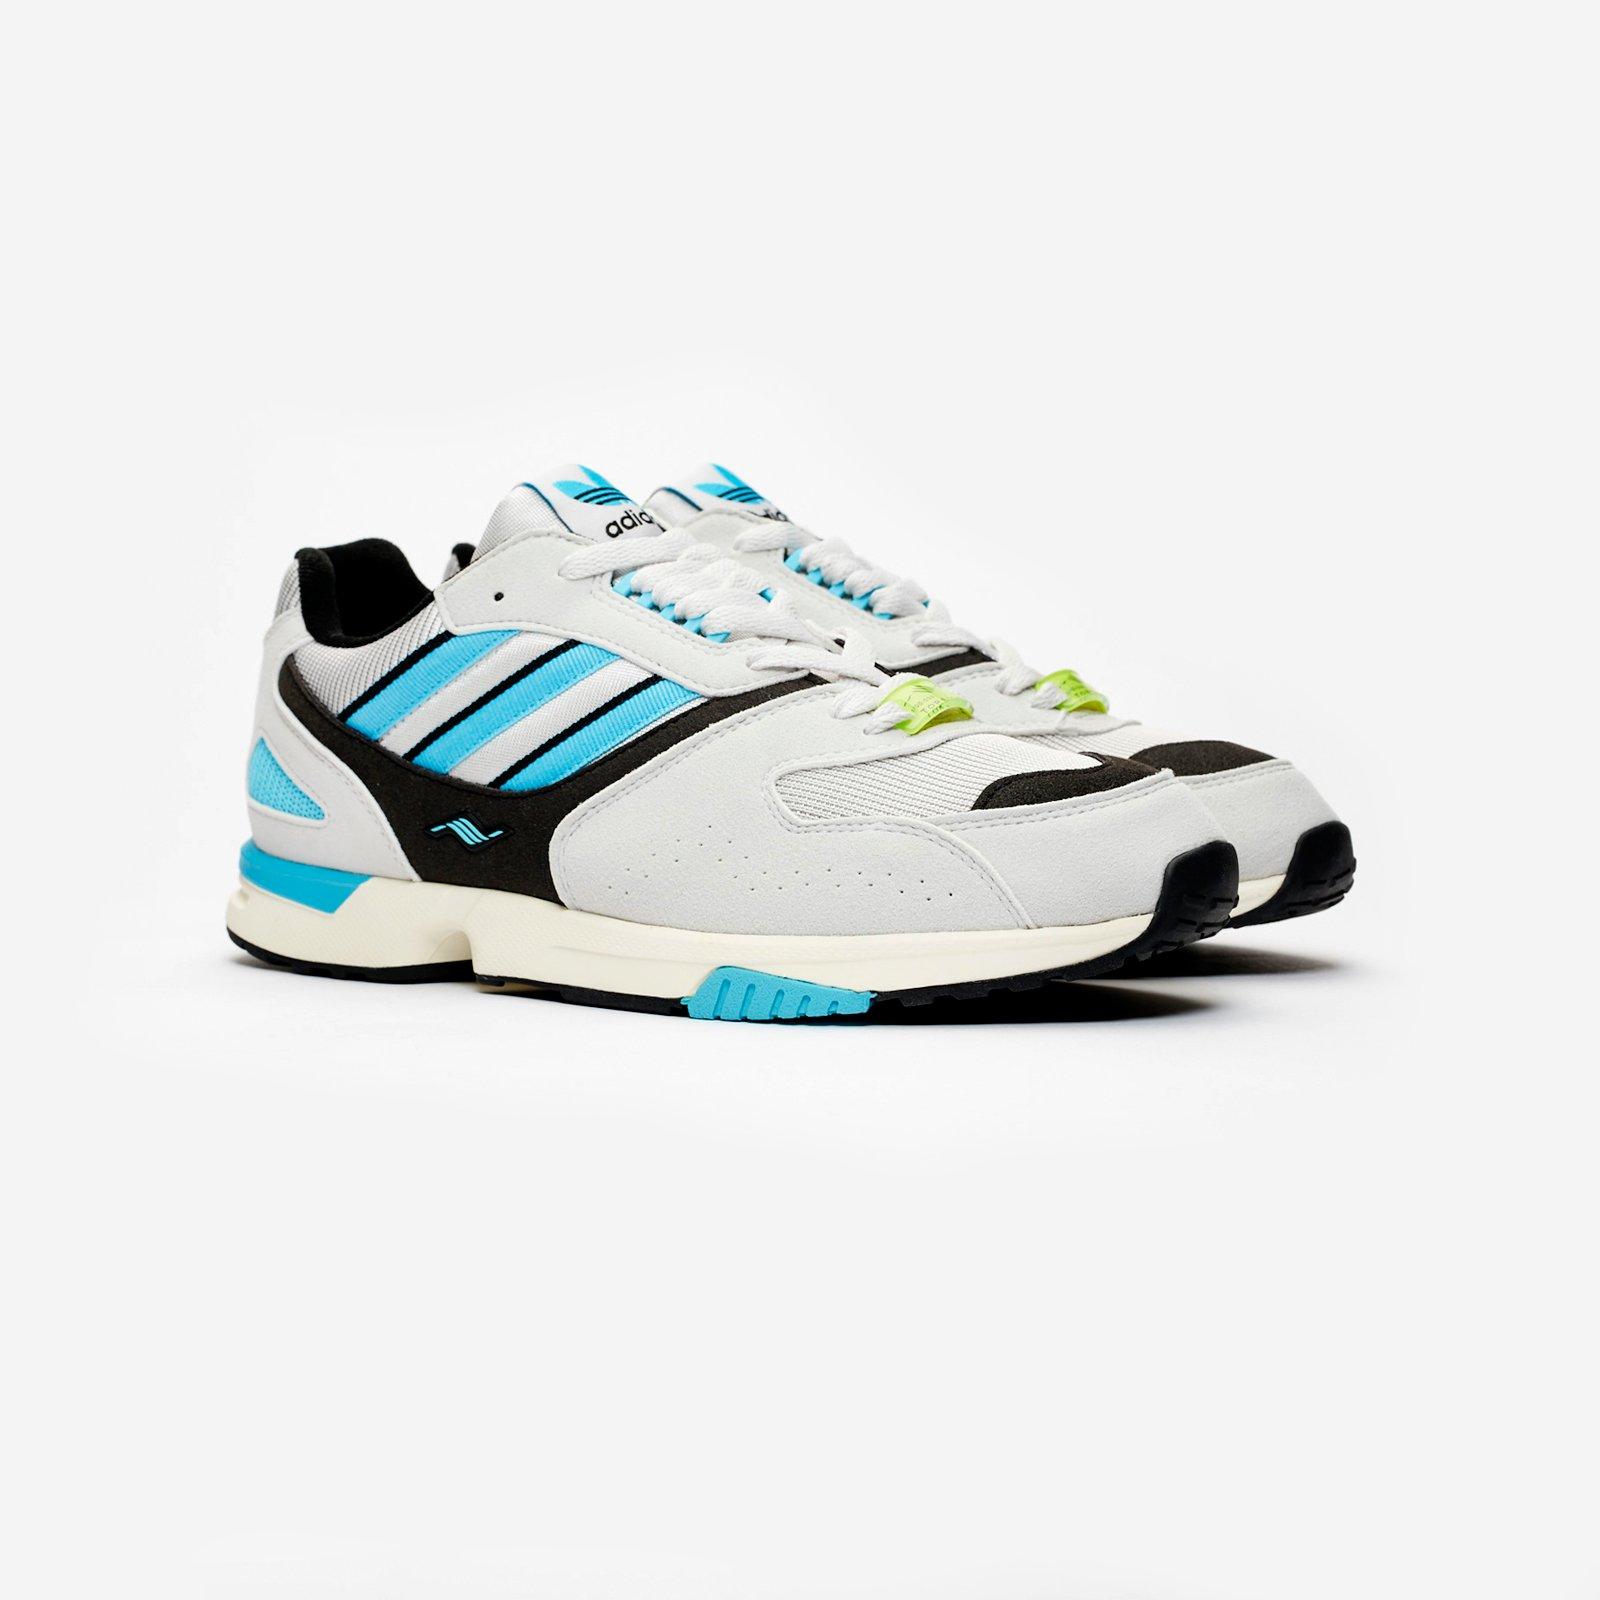 adidas ZX 4000 x Consortium - D97734 - Sneakersnstuff  793569190